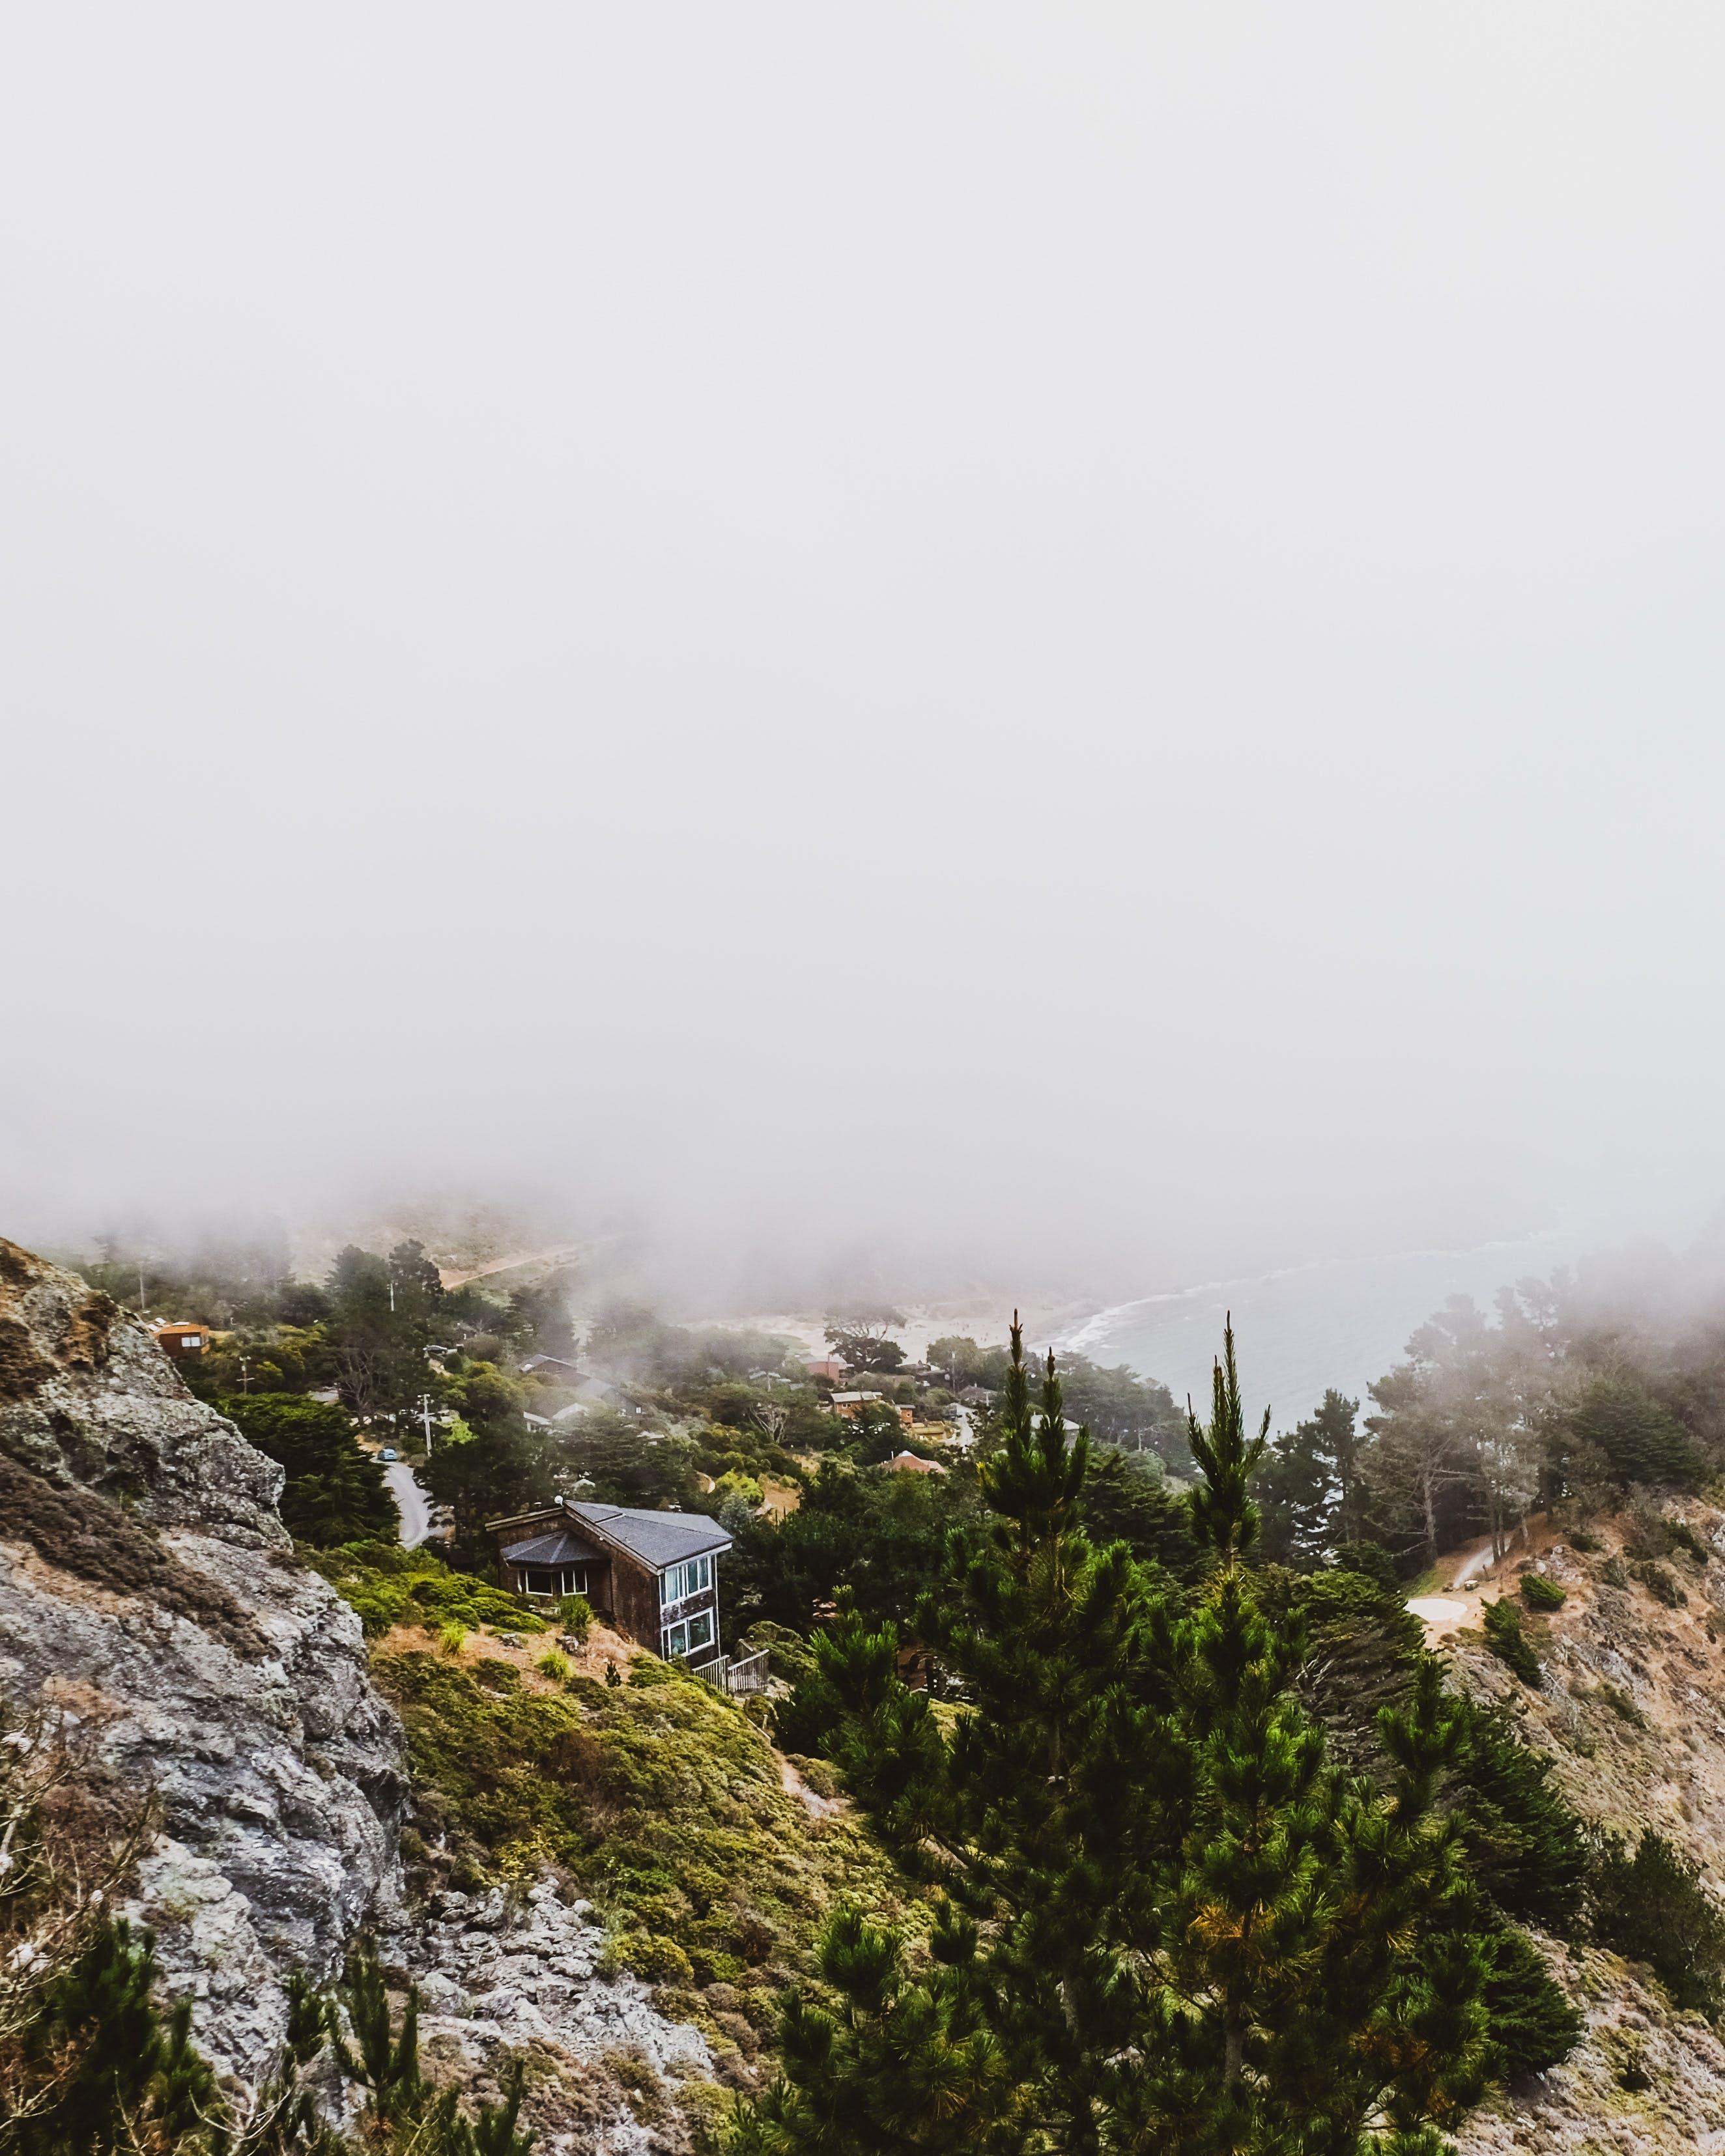 Foto d'estoc gratuïta de aigua, alba, amb boira, arbres